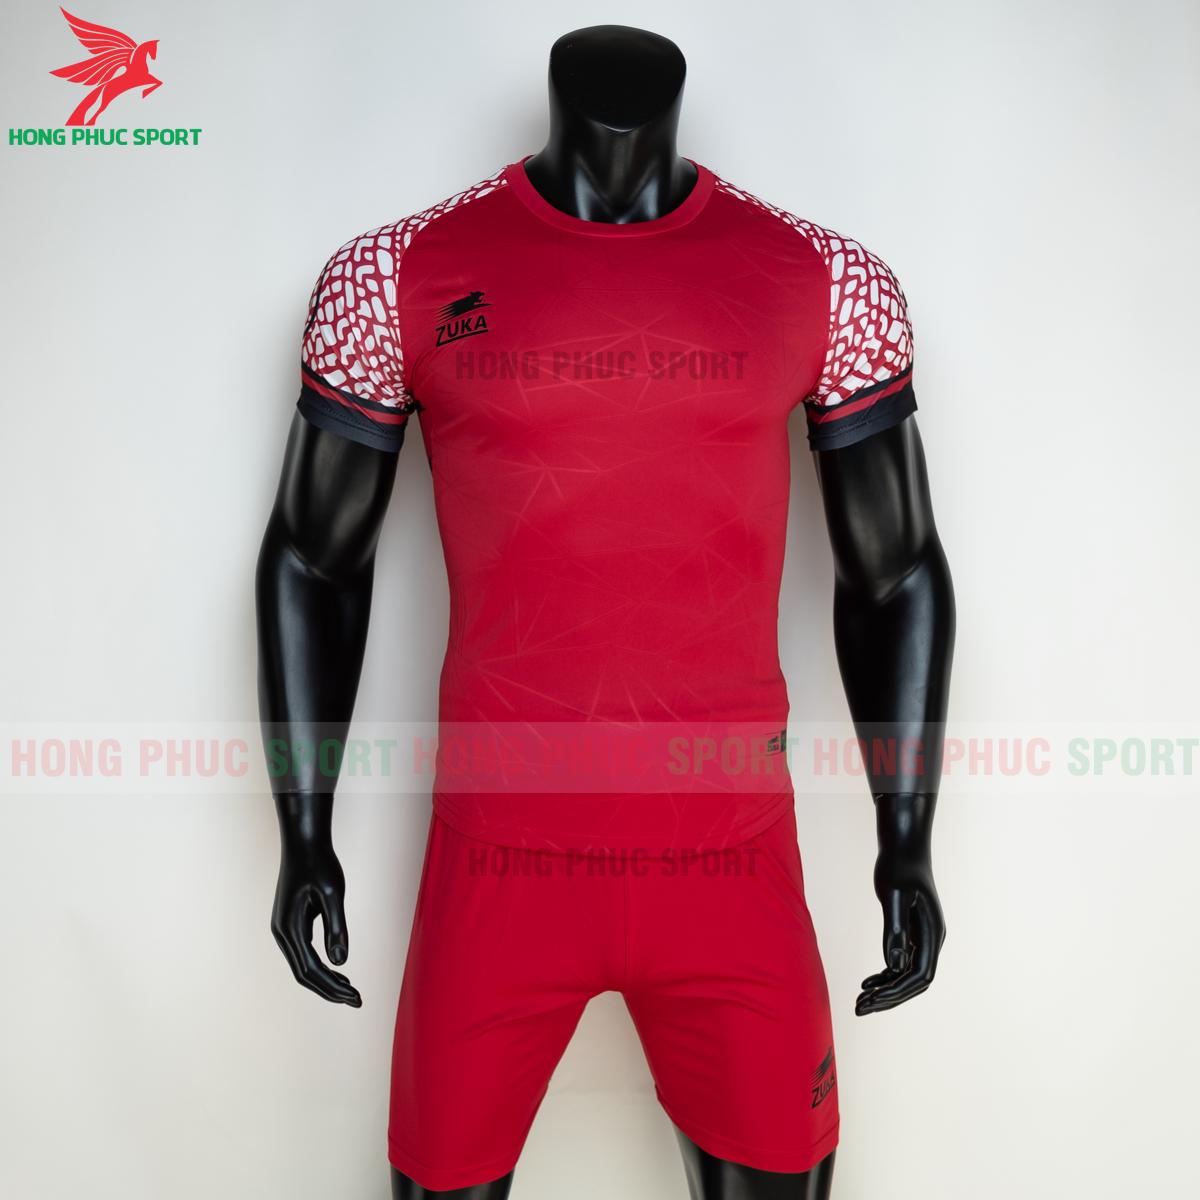 https://cdn.hongphucsport.com/unsafe/s4.shopbay.vn/files/285/ao-bong-da-khong-logo-zuka-02-mau-do-1-60503260524bd.png